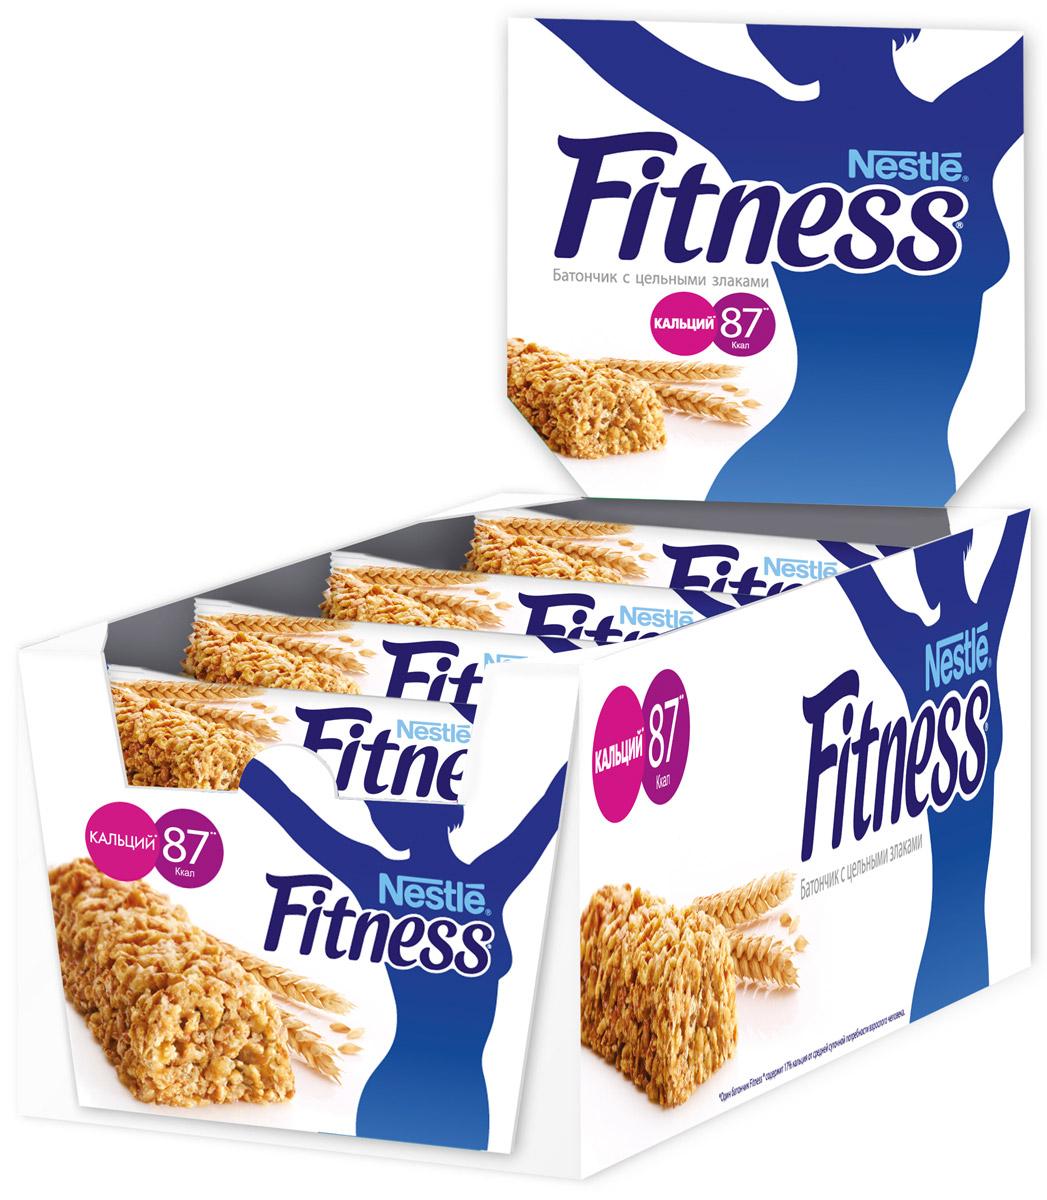 Nestle Fitness батончик с цельными злаками, 24 шт0120710Батончик Nestle Fitness с цельными злаками - полезный перекус без вреда для вашей фигуры!Батончик Fitness содержит много клетчатки и мало жира. Клетчатка в цельных злаках регулирует пищеварение, способствуя поддержанию оптимального веса тела (при условии сбалансированного питания и регулярных физических активностей). Сложные углеводы перевариваются медленнее и позволяют сохранять чувство сытости дольше.Обогащен витаминами D, B2, B6, кальцием и железом.Вес одного батончика: 23,5 г